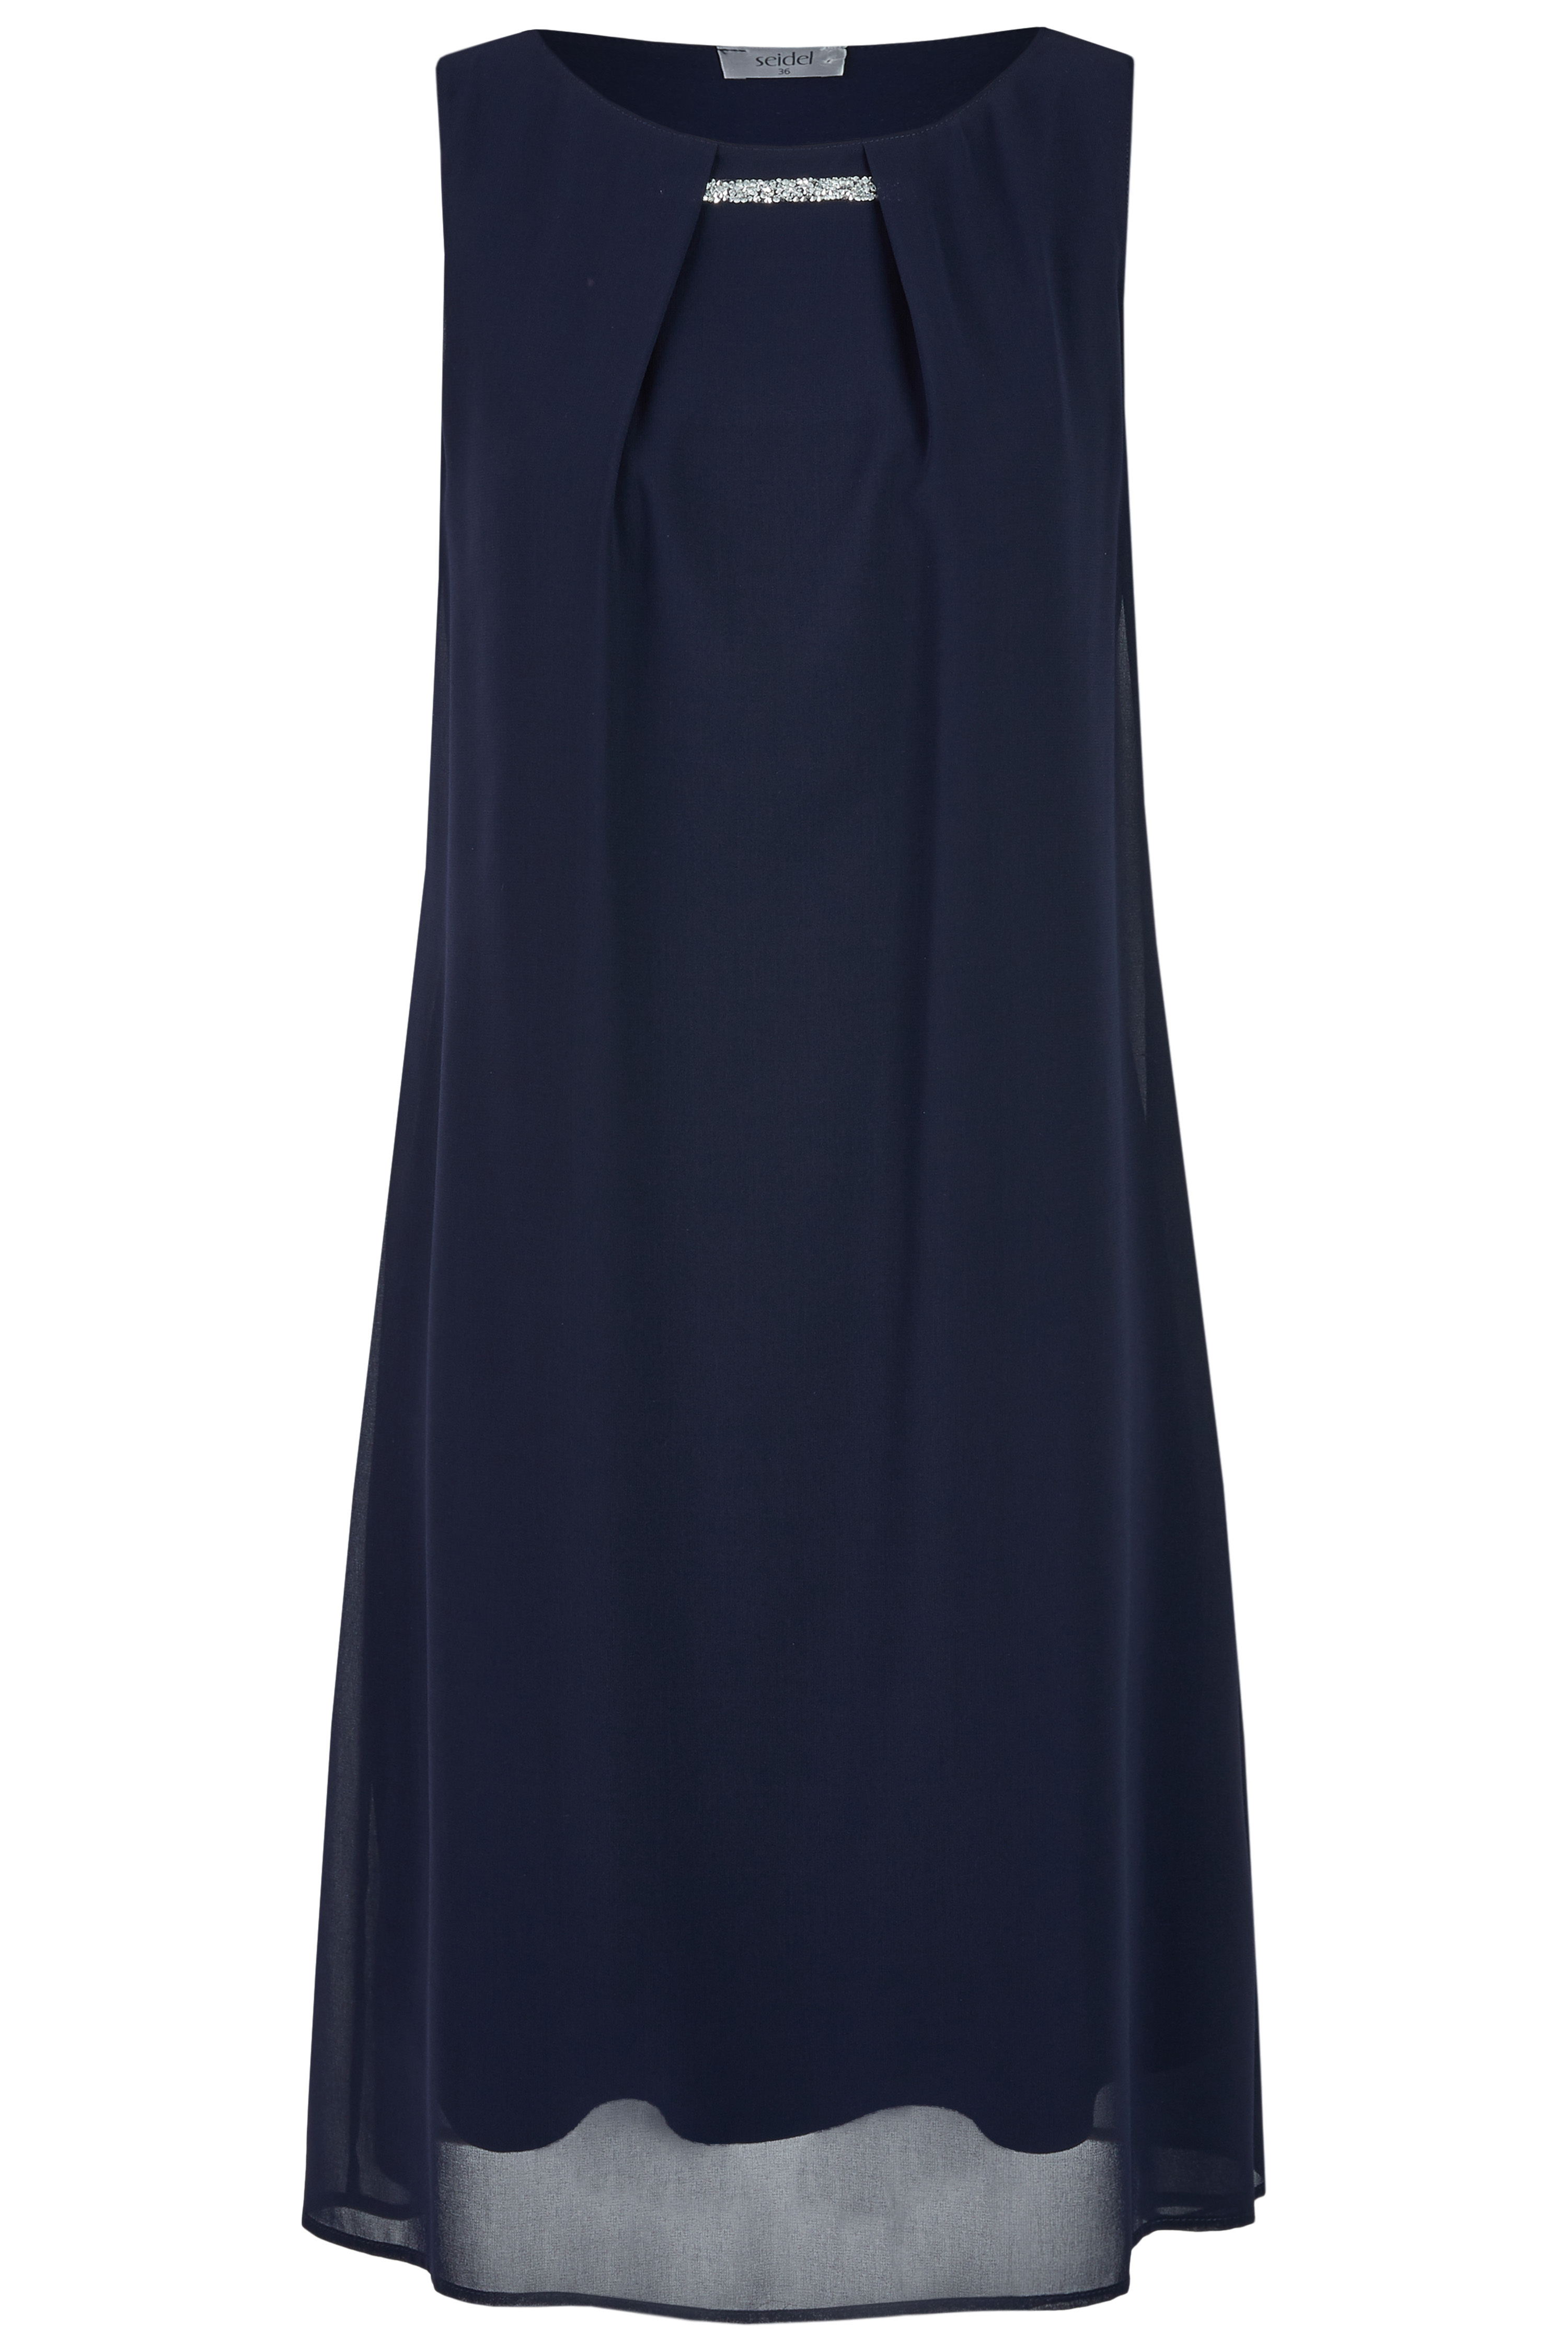 seidel moden -  Elegantes Partykleid